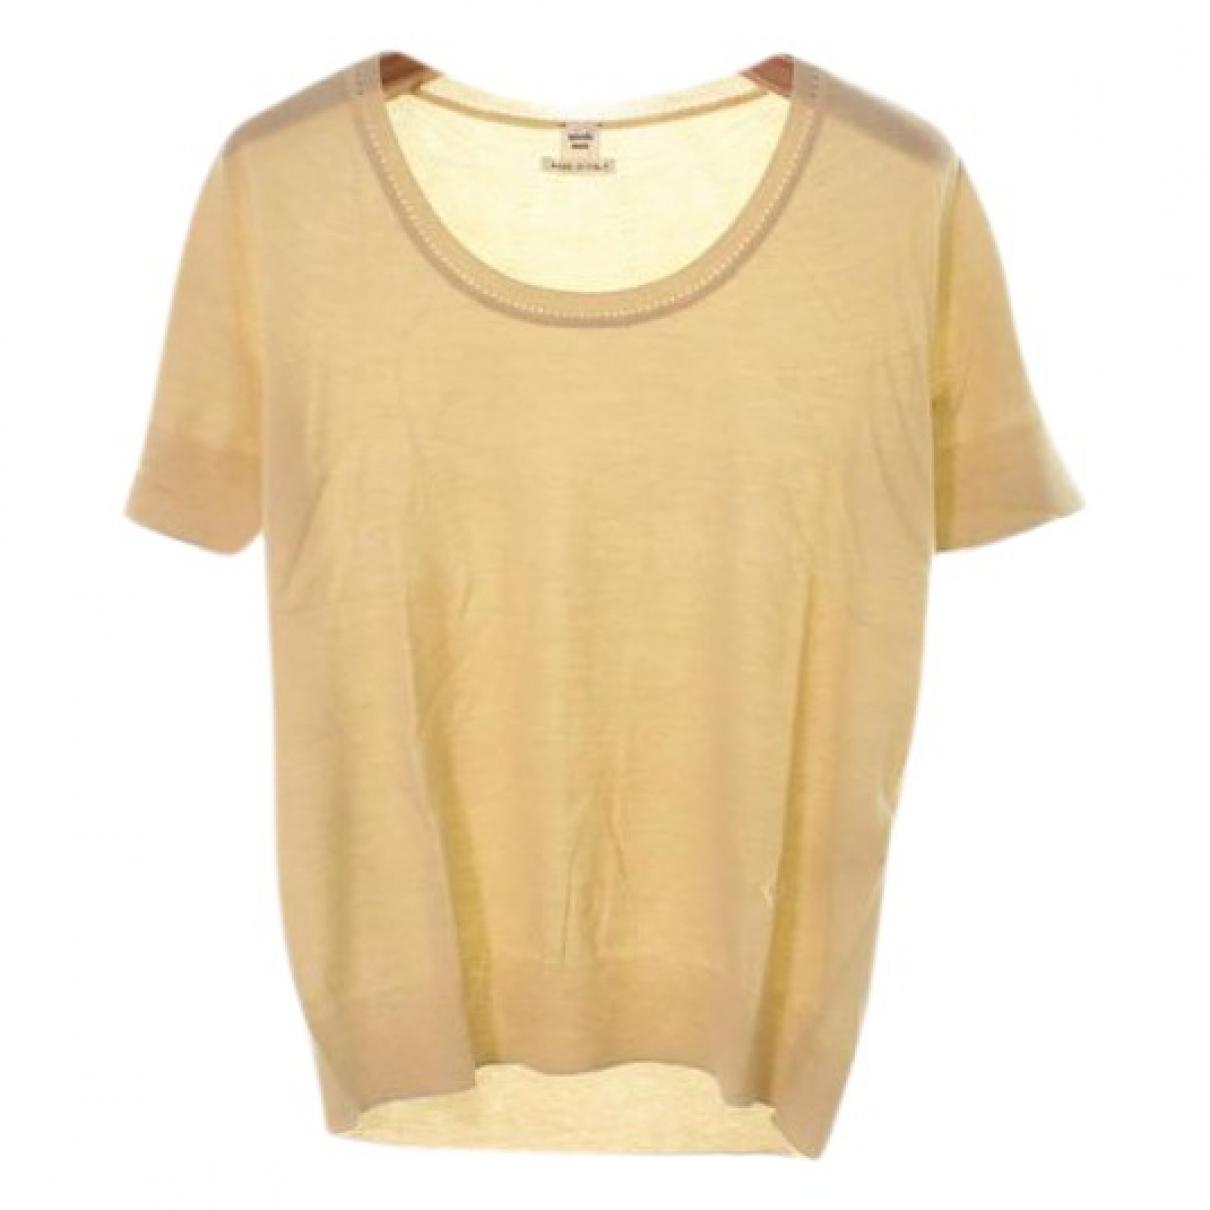 Hermes - Top   pour femme en cachemire - beige